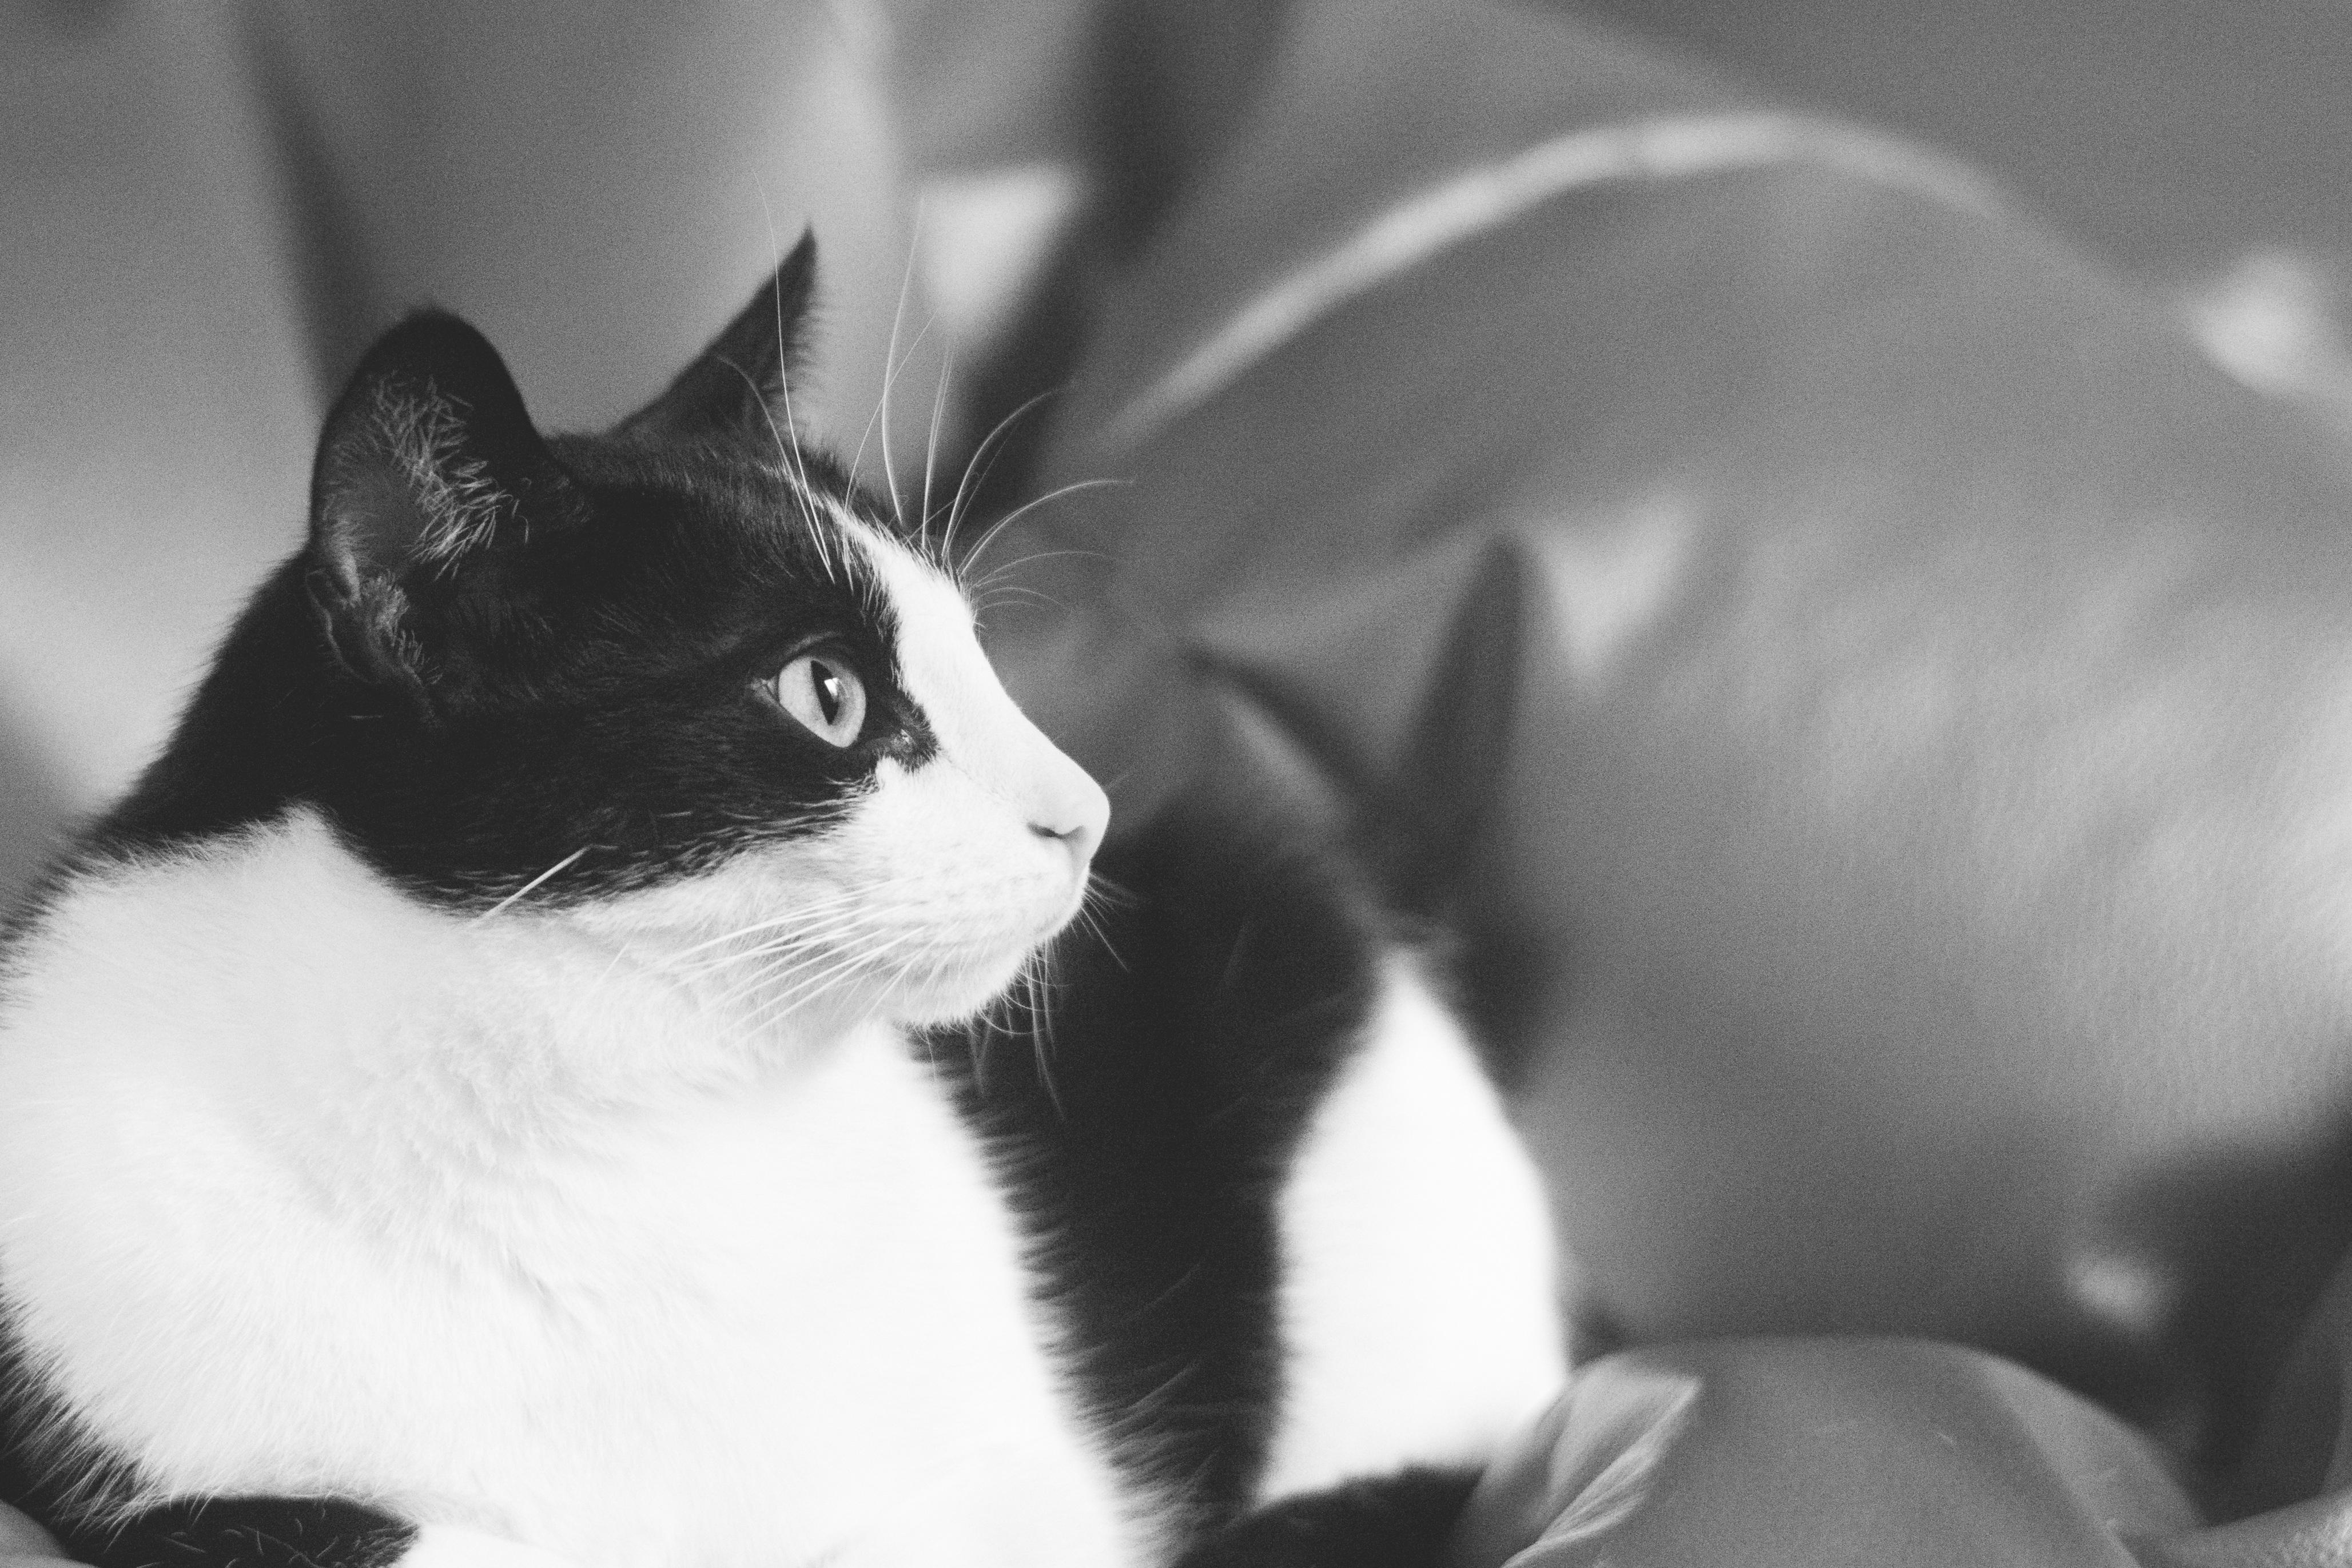 Черно белый кот смотреть бесплатно